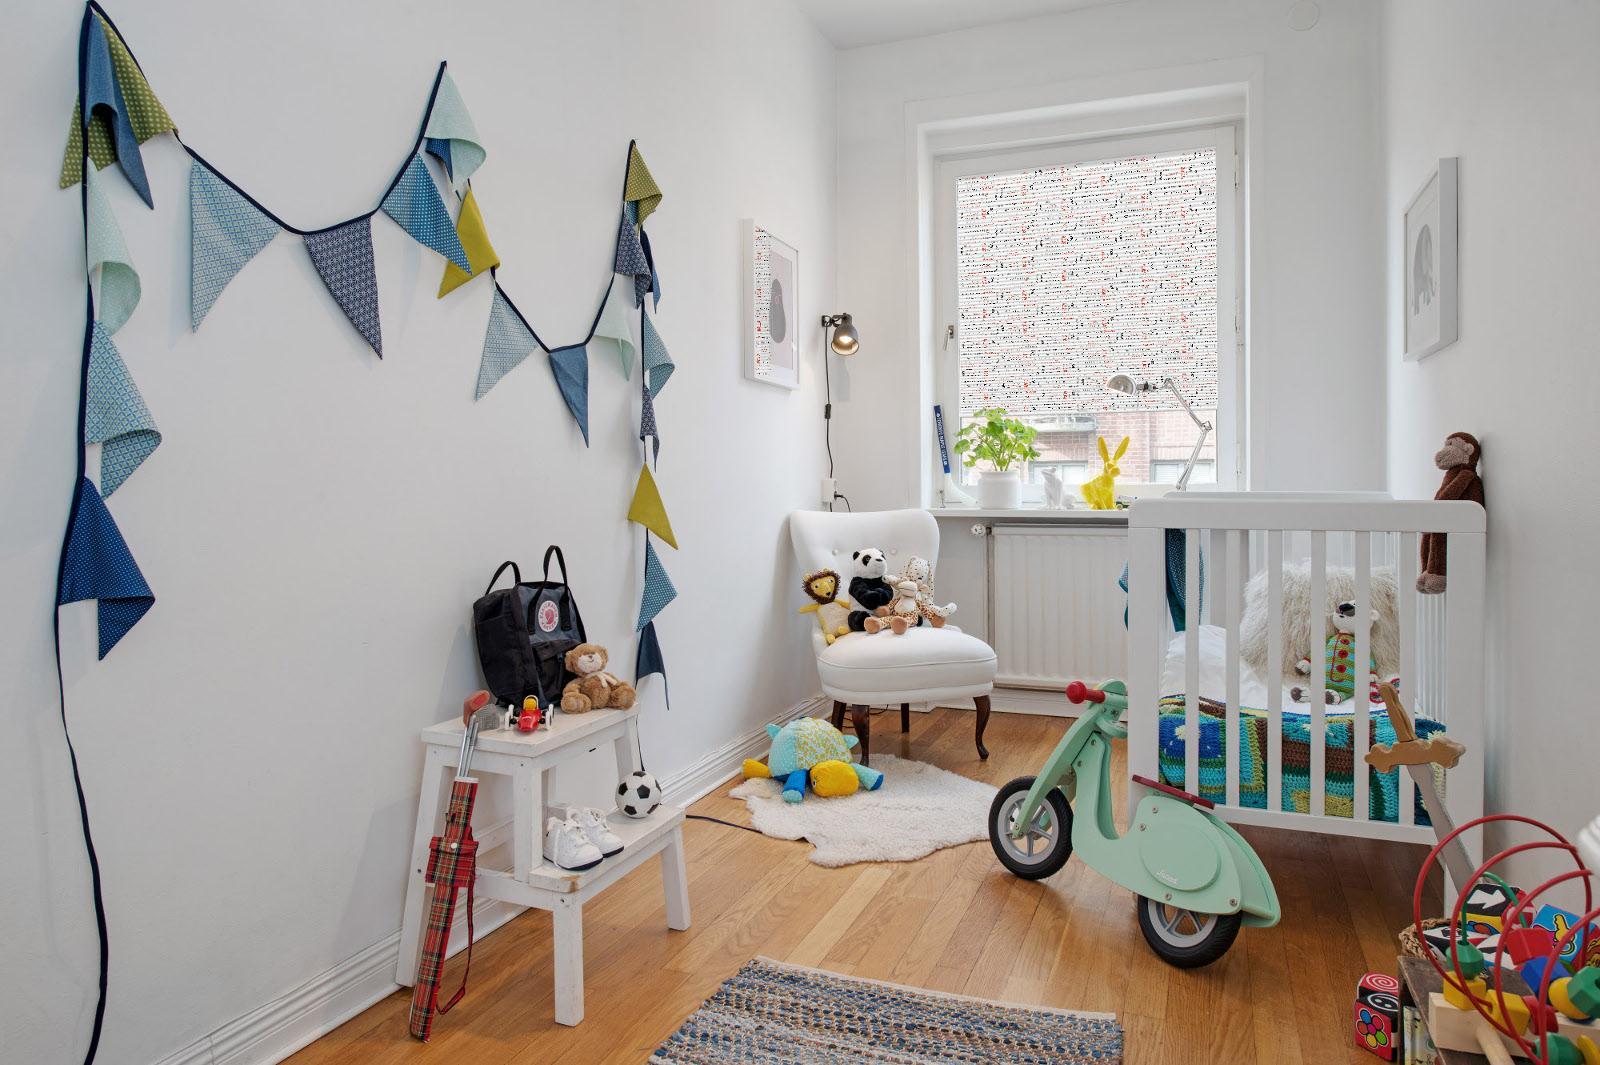 Full Size of Plissee Kinderzimmer Babyzimmer Hausgesta Regale Fenster Sofa Regal Weiß Kinderzimmer Plissee Kinderzimmer